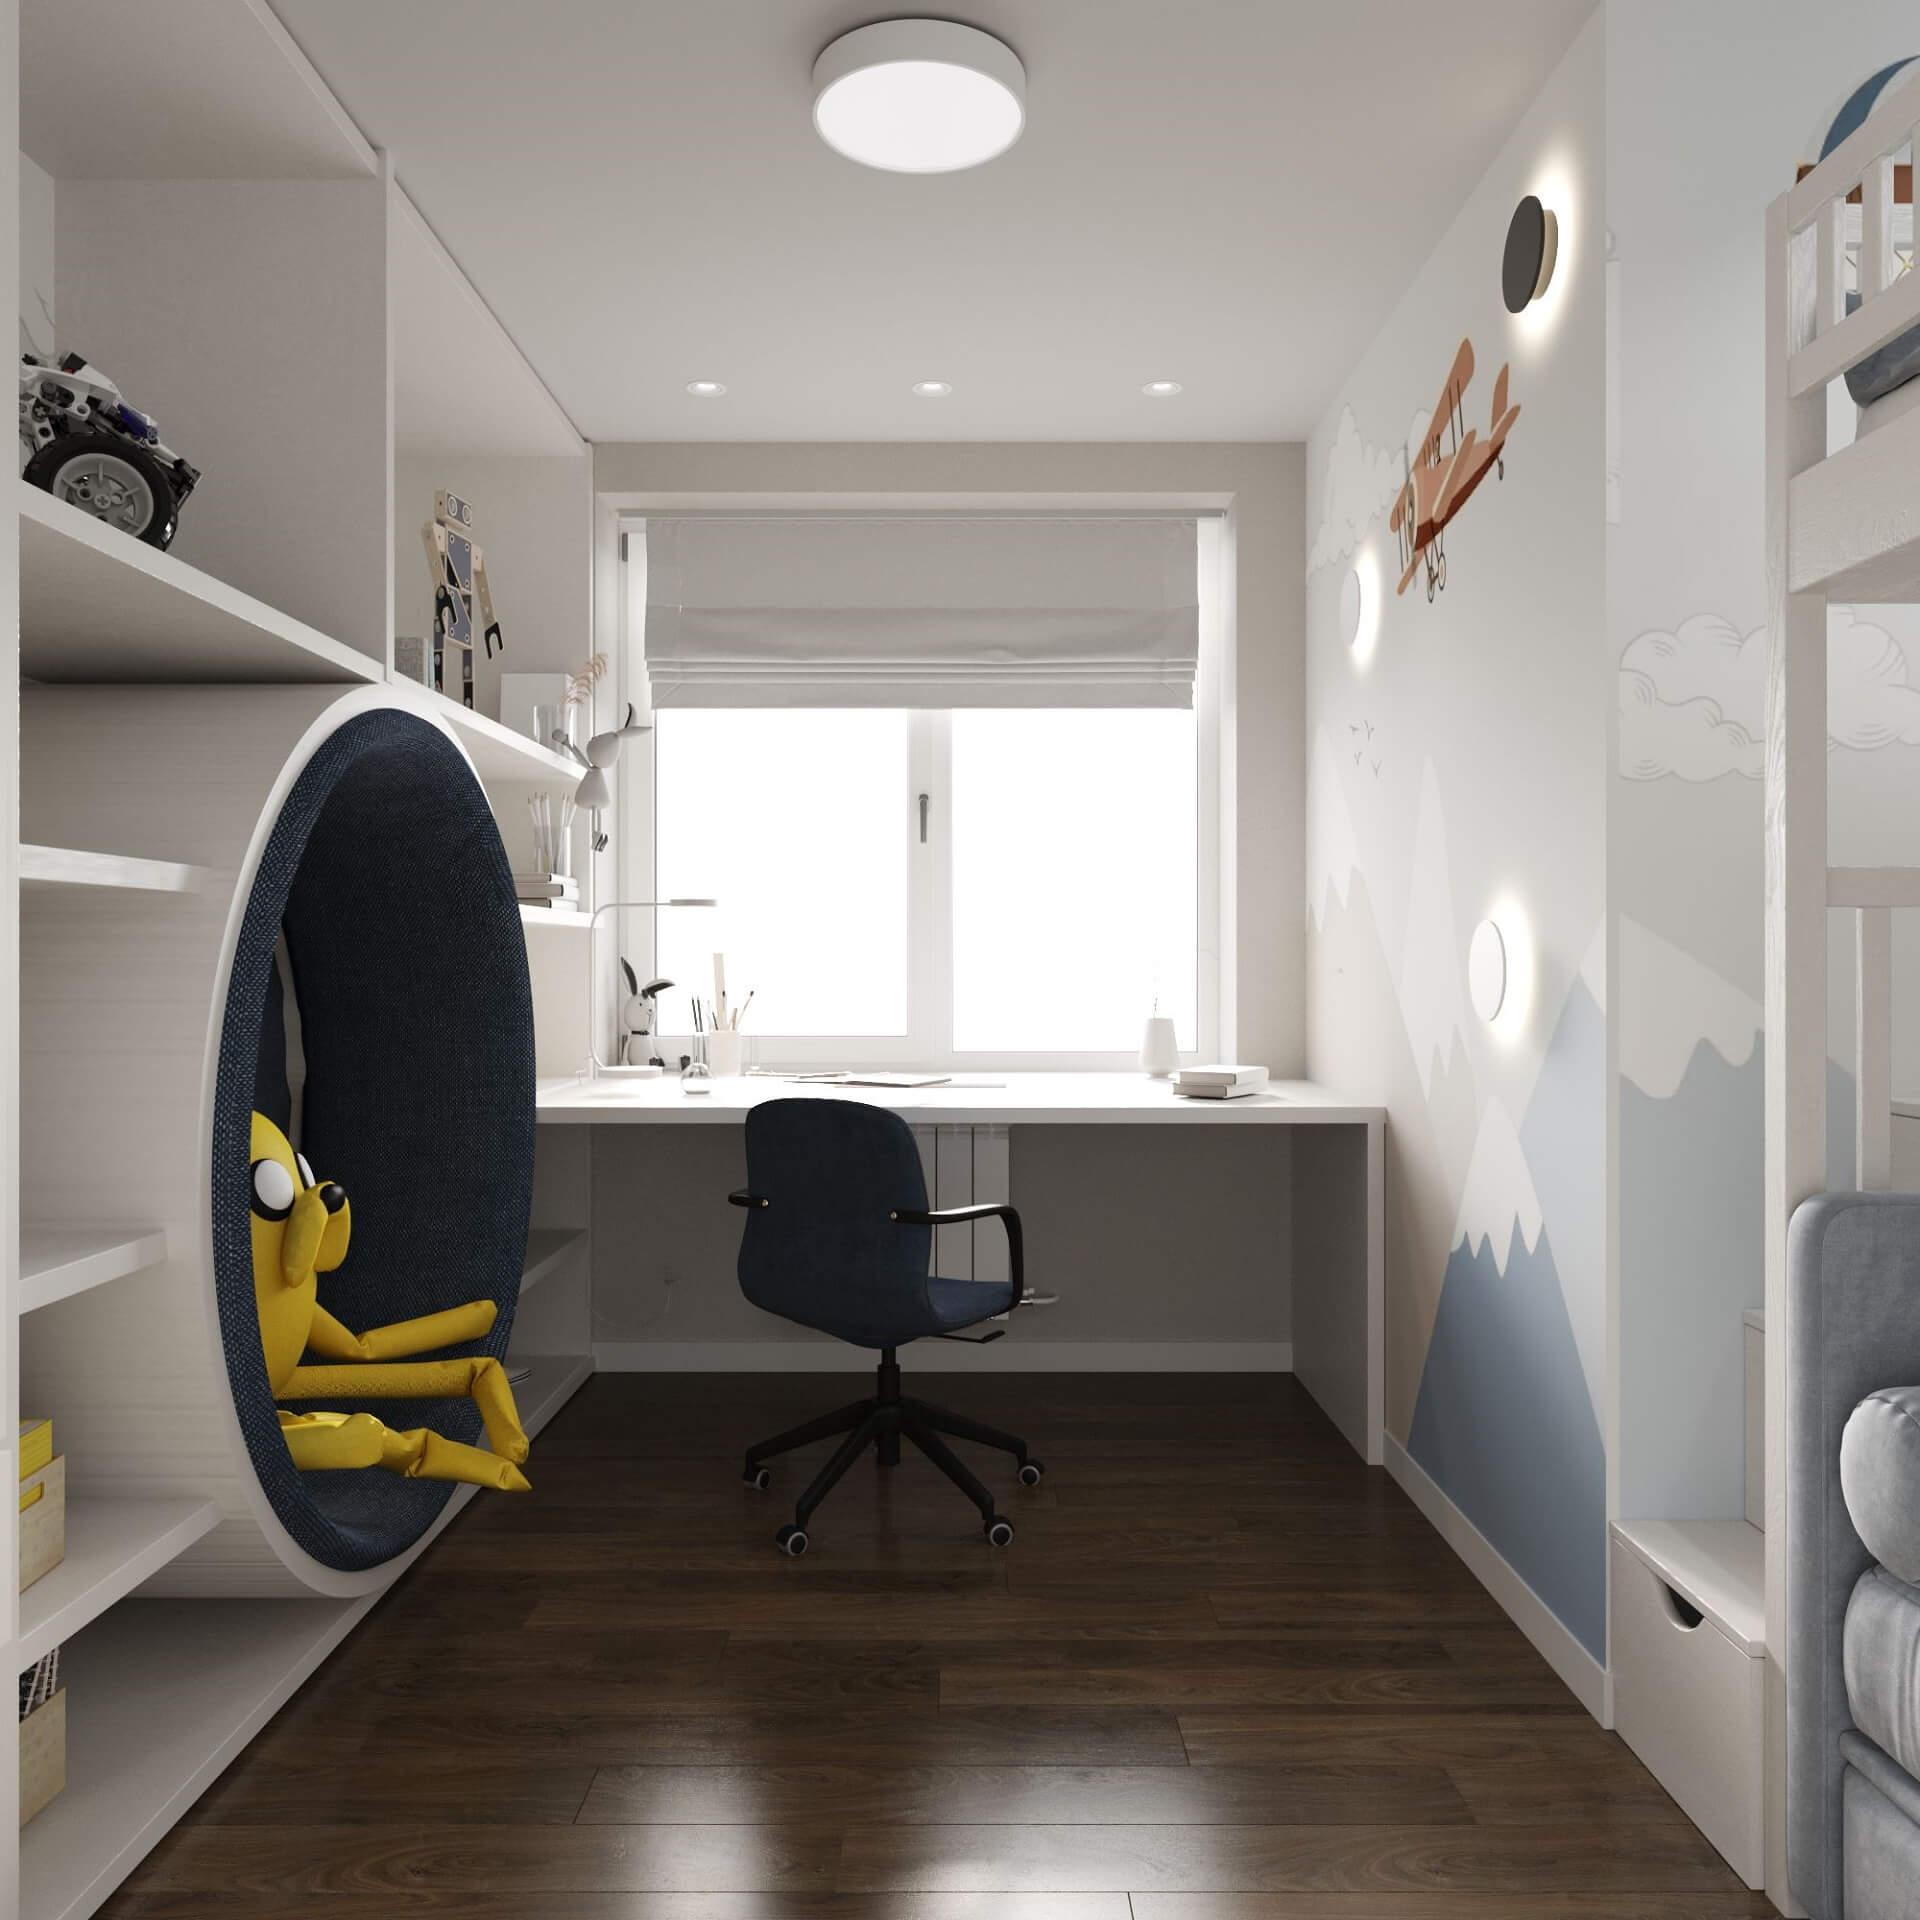 Дизайн детской комнаты. Рабочая зона.